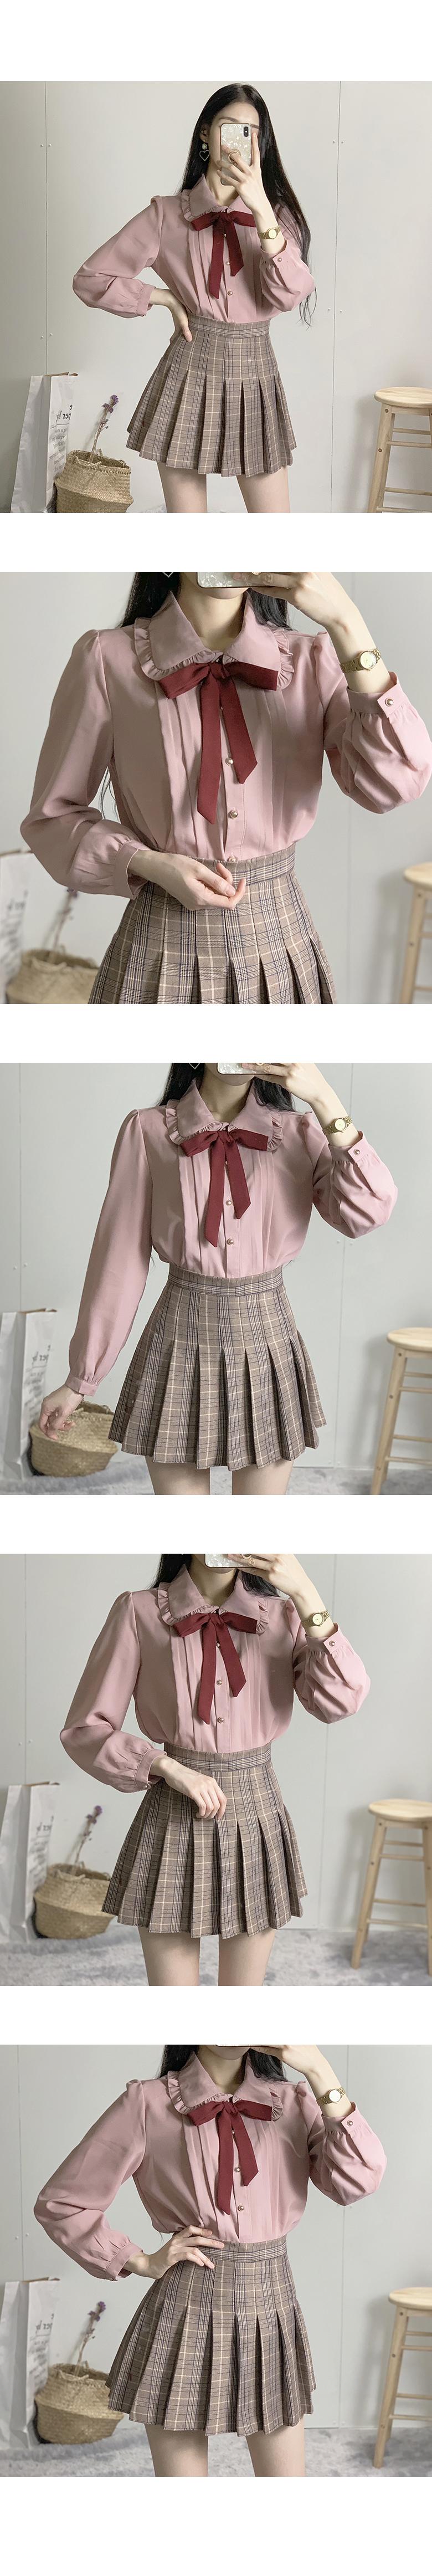 Delmo round collar ribbon blouse